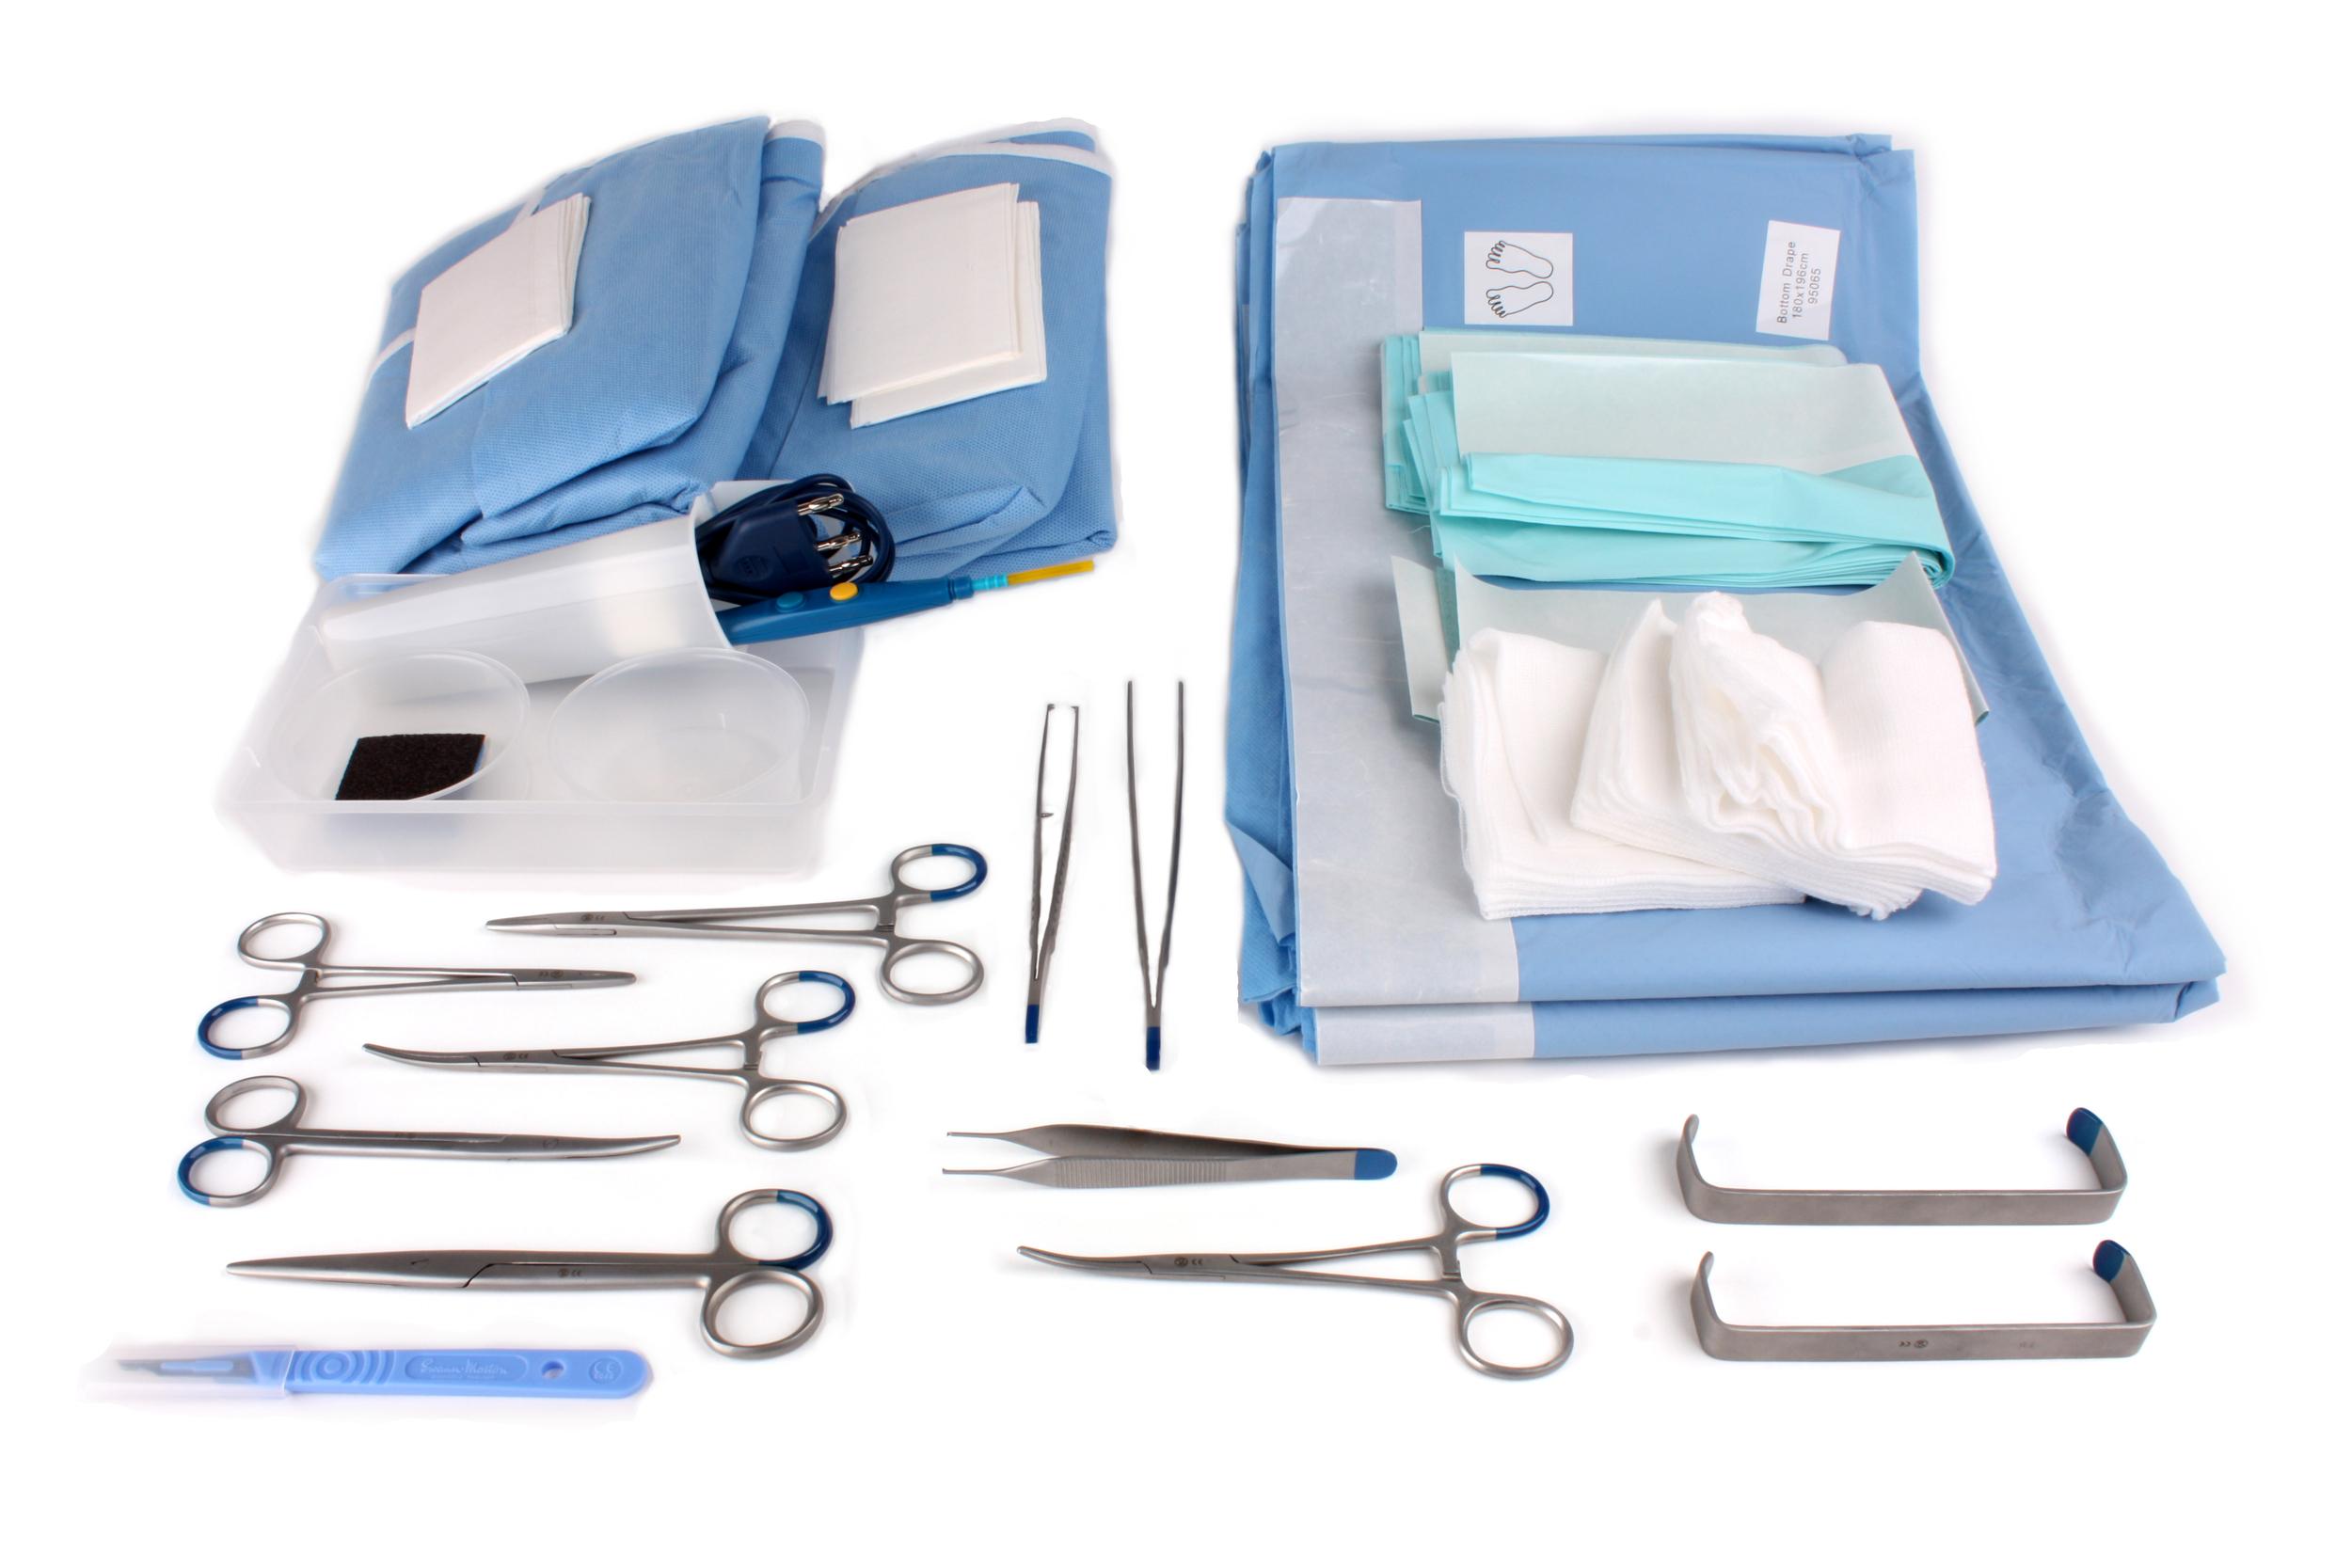 Custom procedure trays voor cosmetische- en esthetische chirurgie